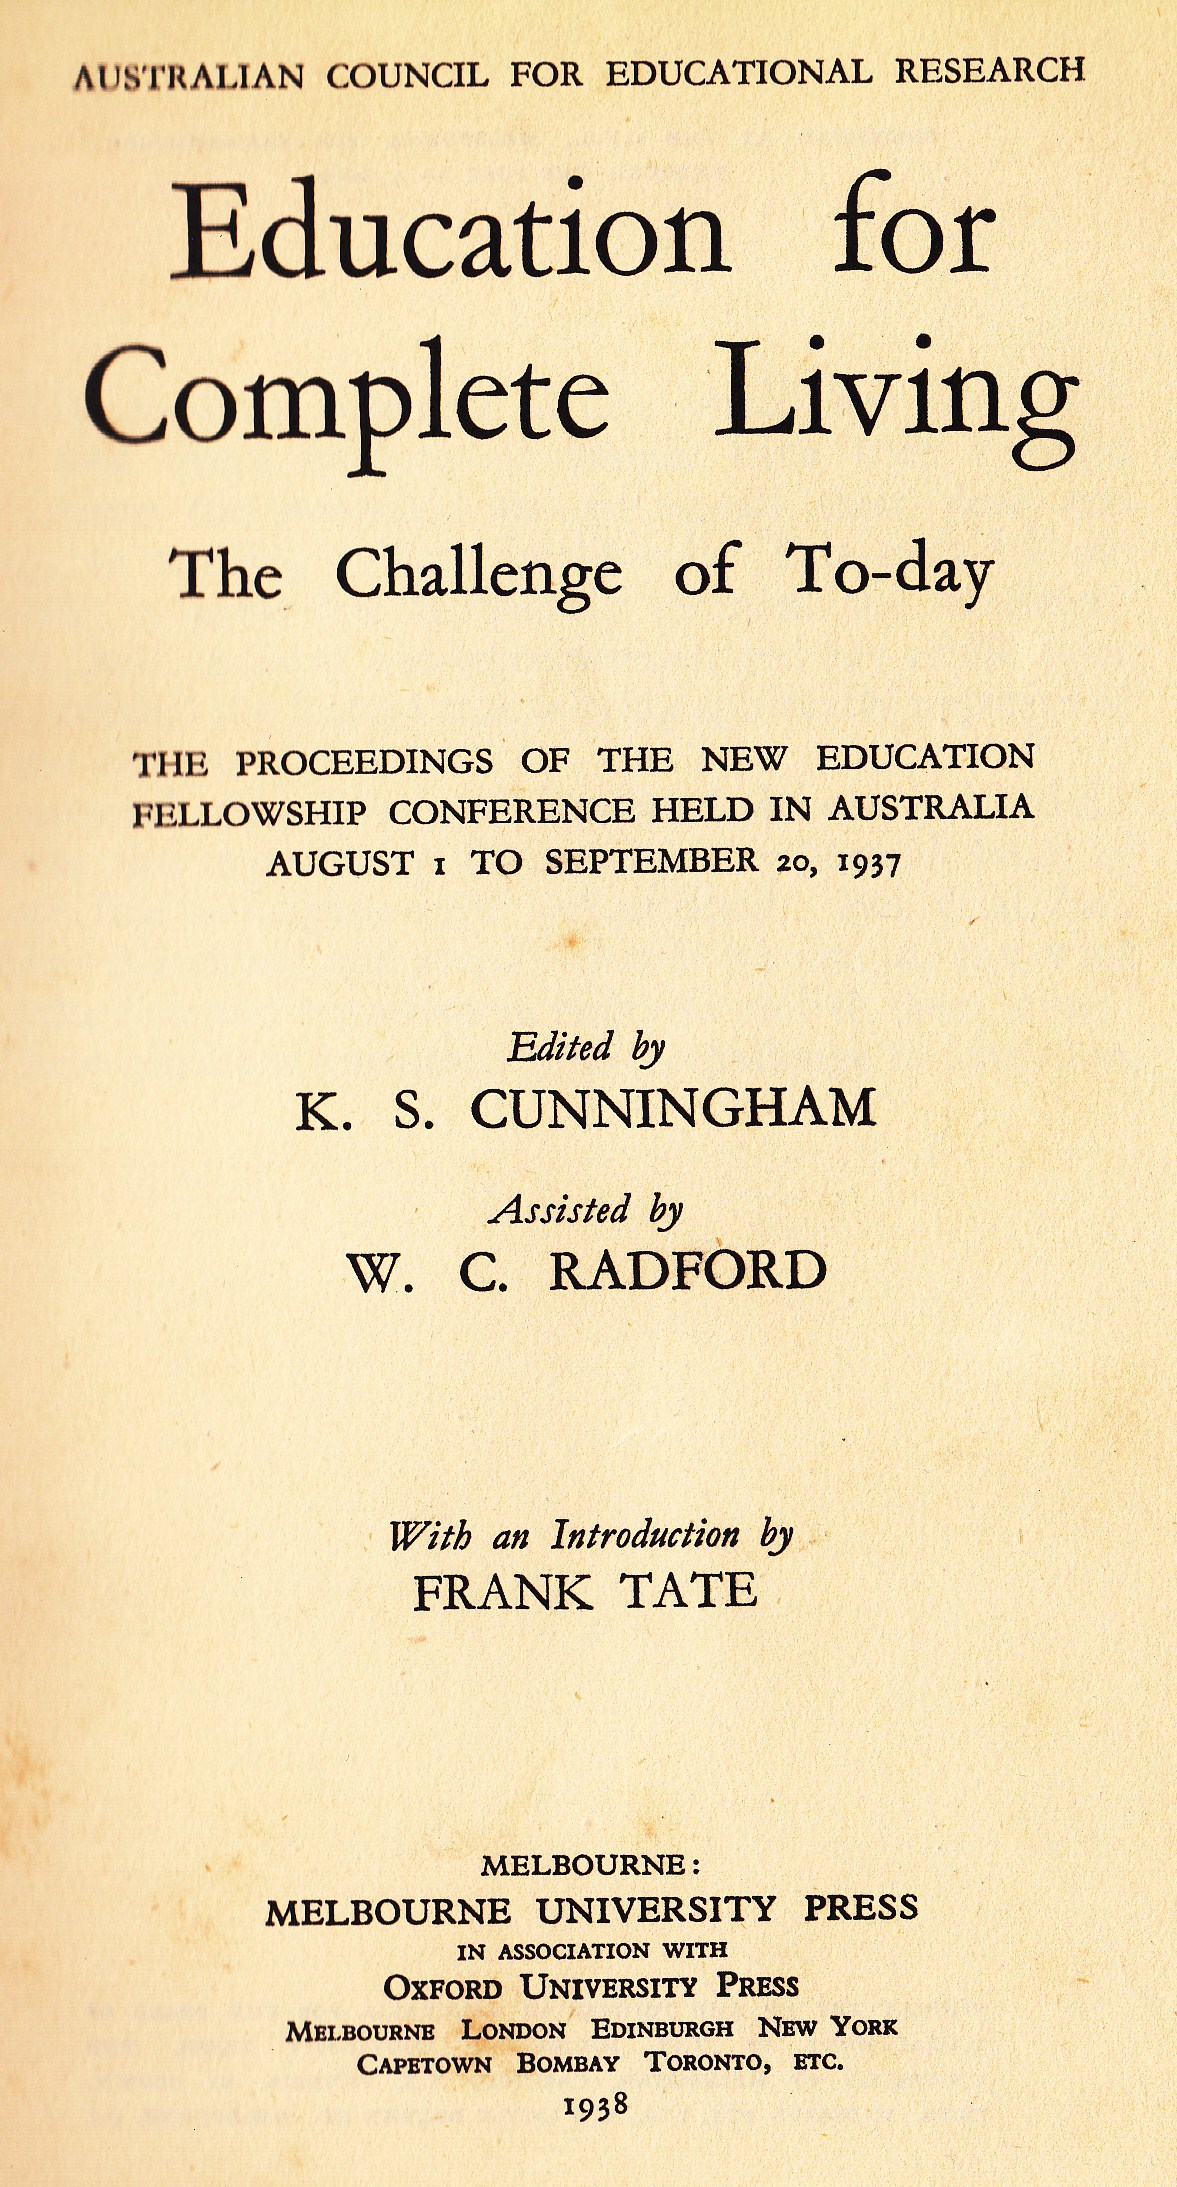 Cunningham 1